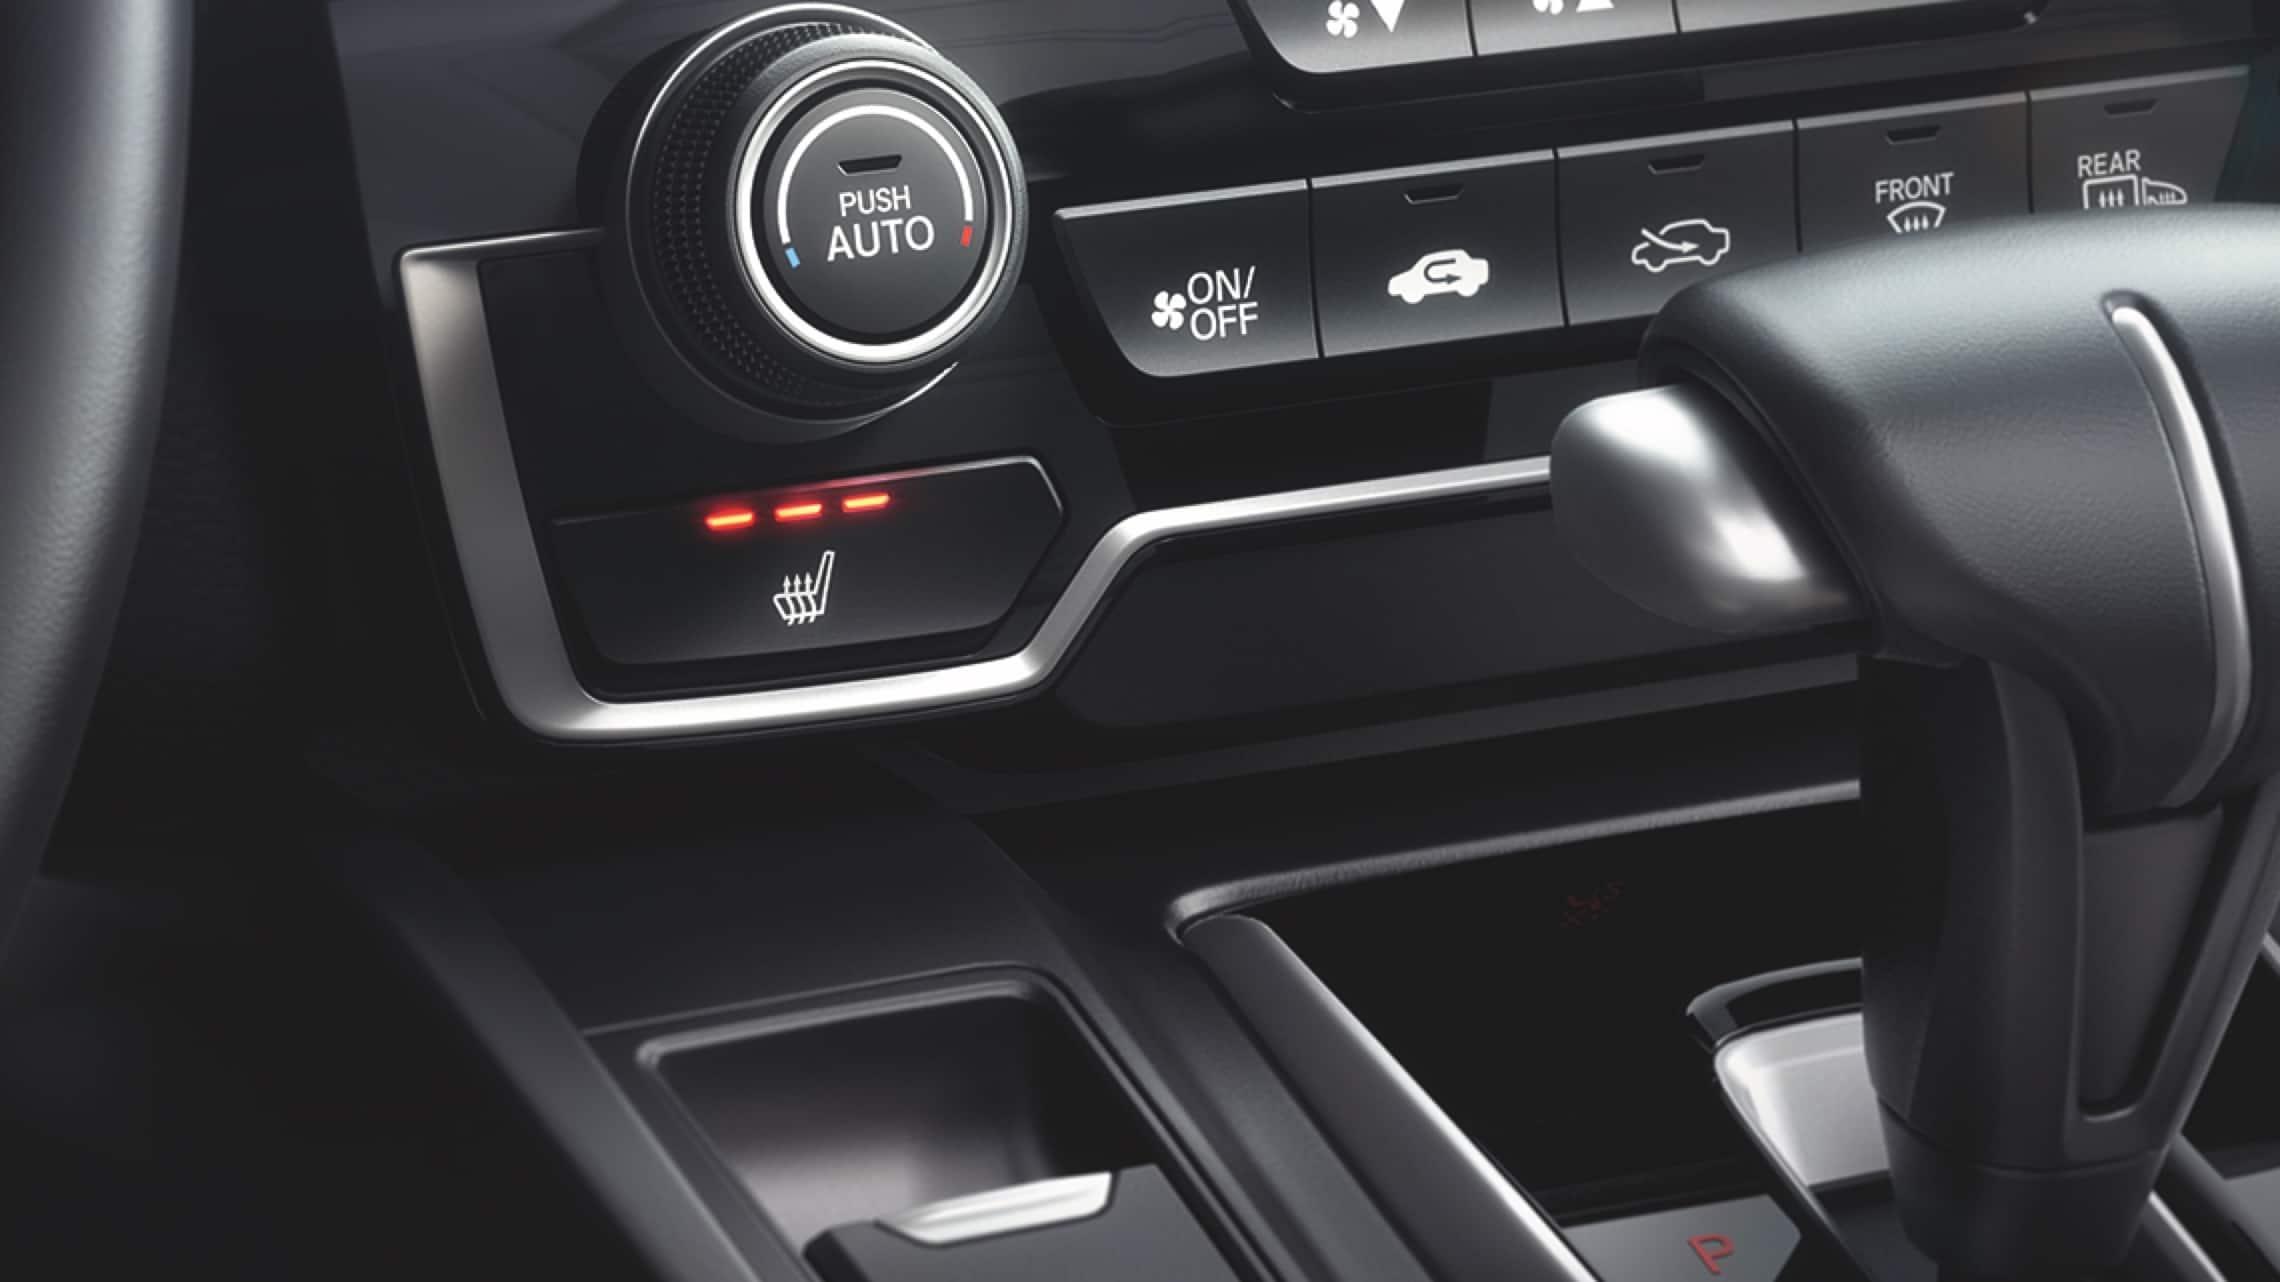 Interior de la Honda CR-V2019 con controles de asiento delantero calefaccionado.